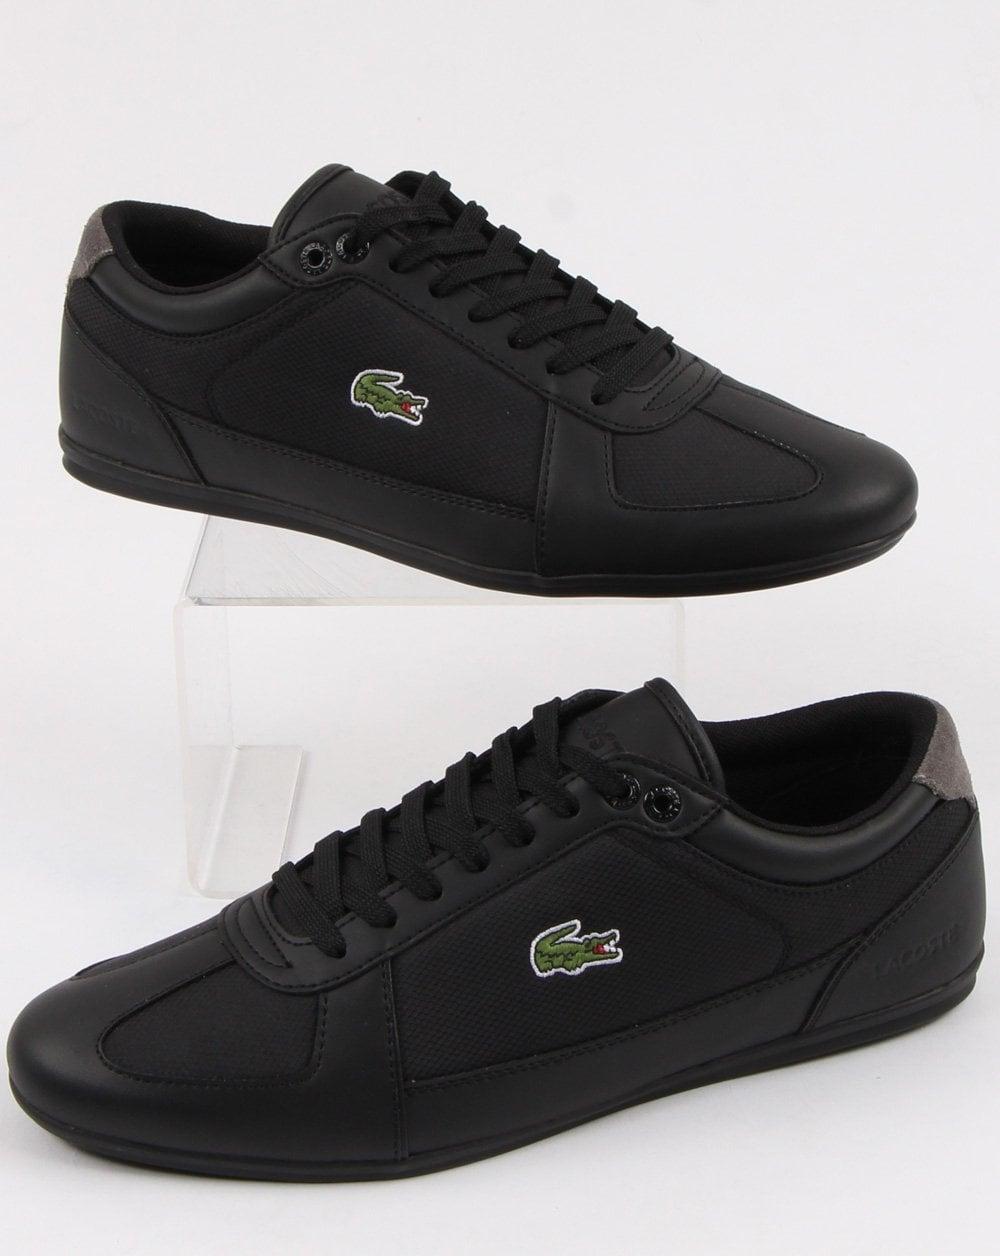 0e901fccbf6f6 Lacoste Lacoste Footwear Evara Sport Trainer Black dark Grey